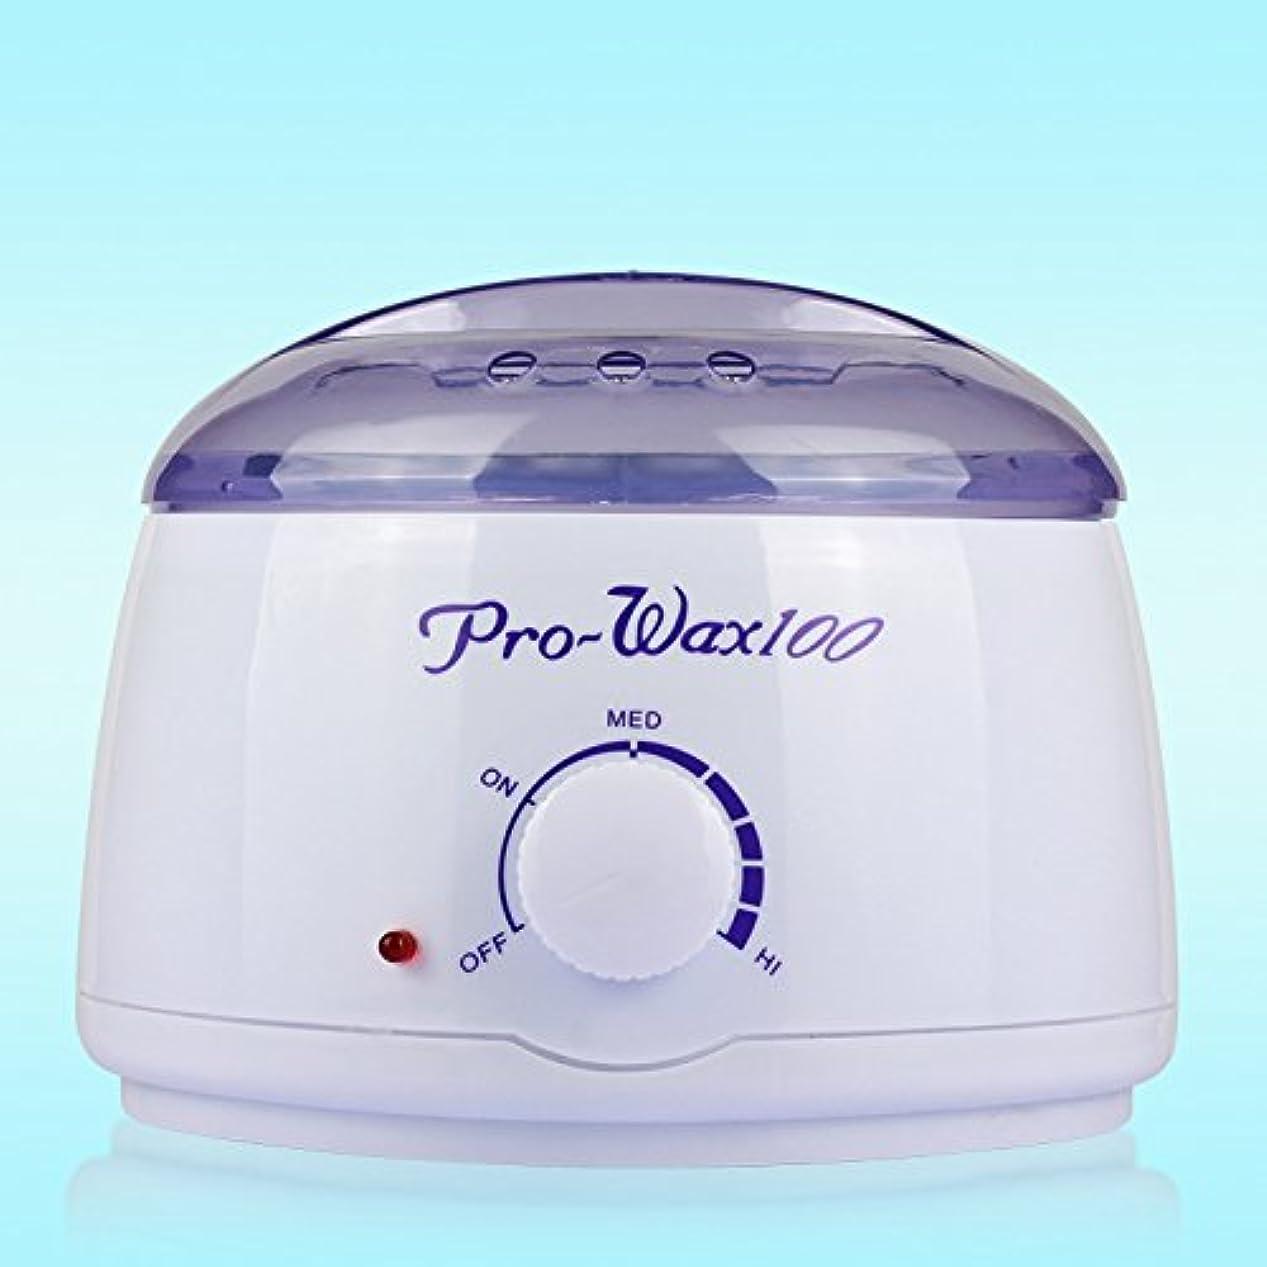 にはまって勤勉驚いたACHICOO ポータブル 電気 ワックス ウォーマーマシン 多機能 ヒーターフィート 脱毛 溶融 ポットフェイシャルスキン ワックス スパワキシング キット プロフェッショナル 用途